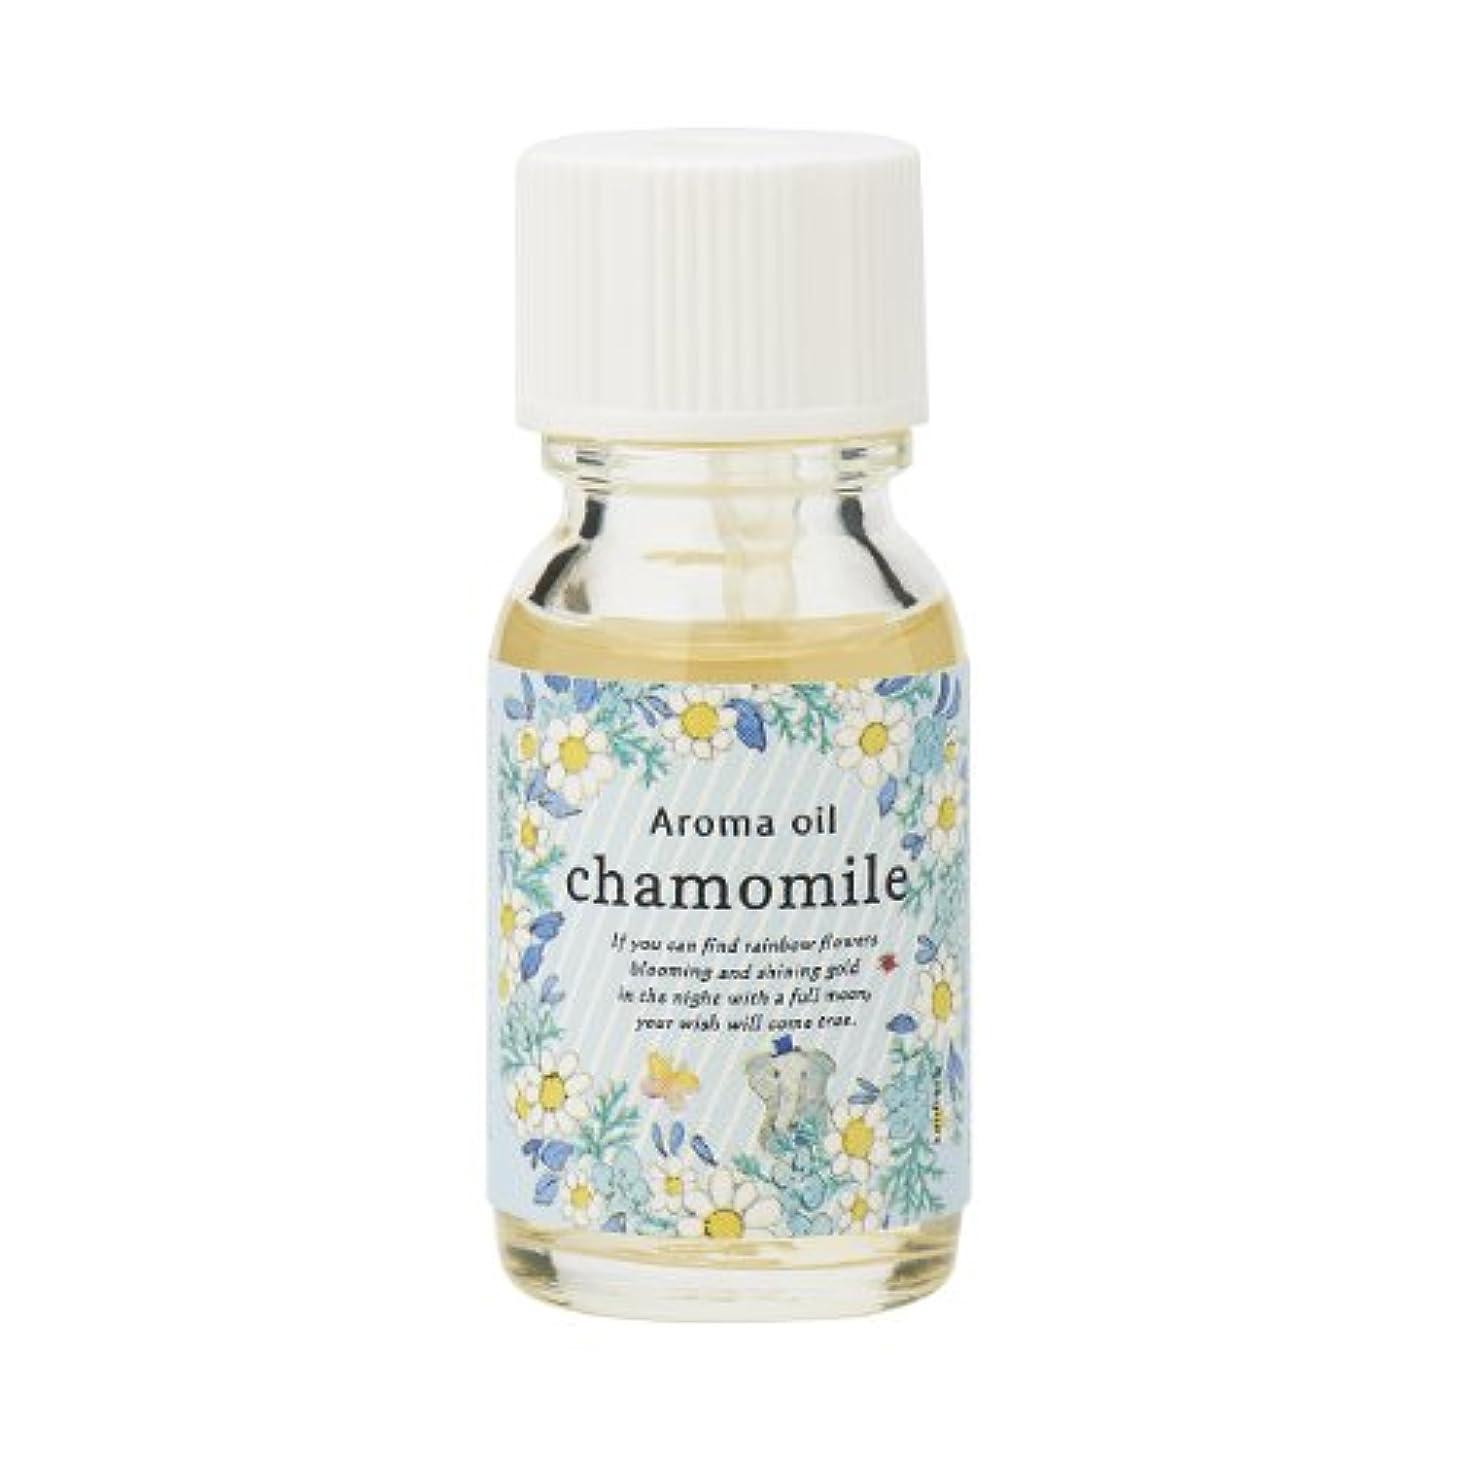 ハム宮殿礼儀サンハーブ アロマオイル カモマイル 13ml(やさしく穏やかな甘い香り)